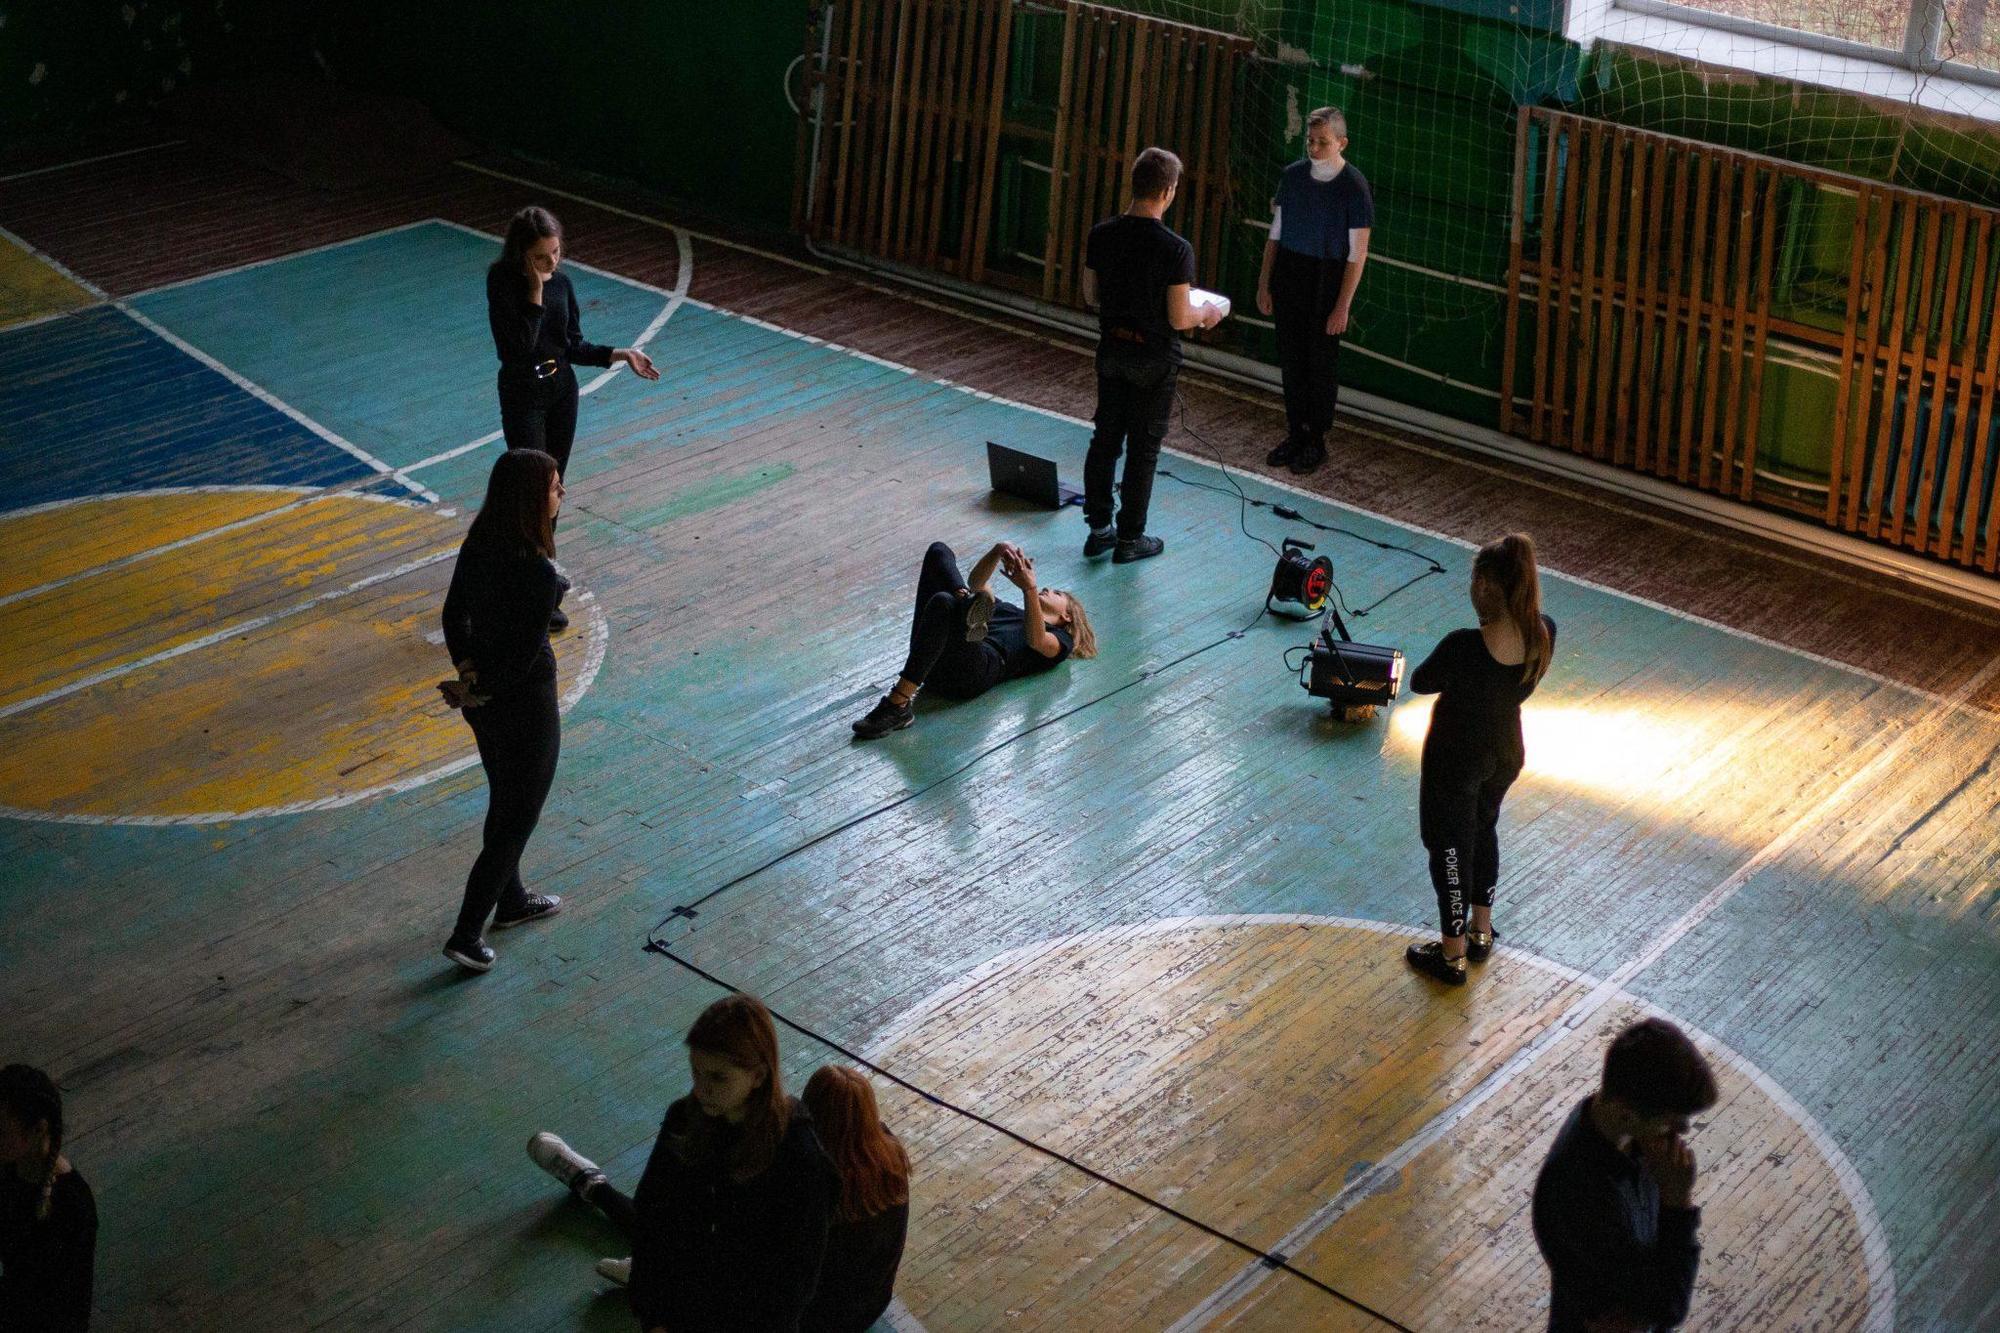 Киноверсию спектакля с детьми из Донбасса покажут на Громадському